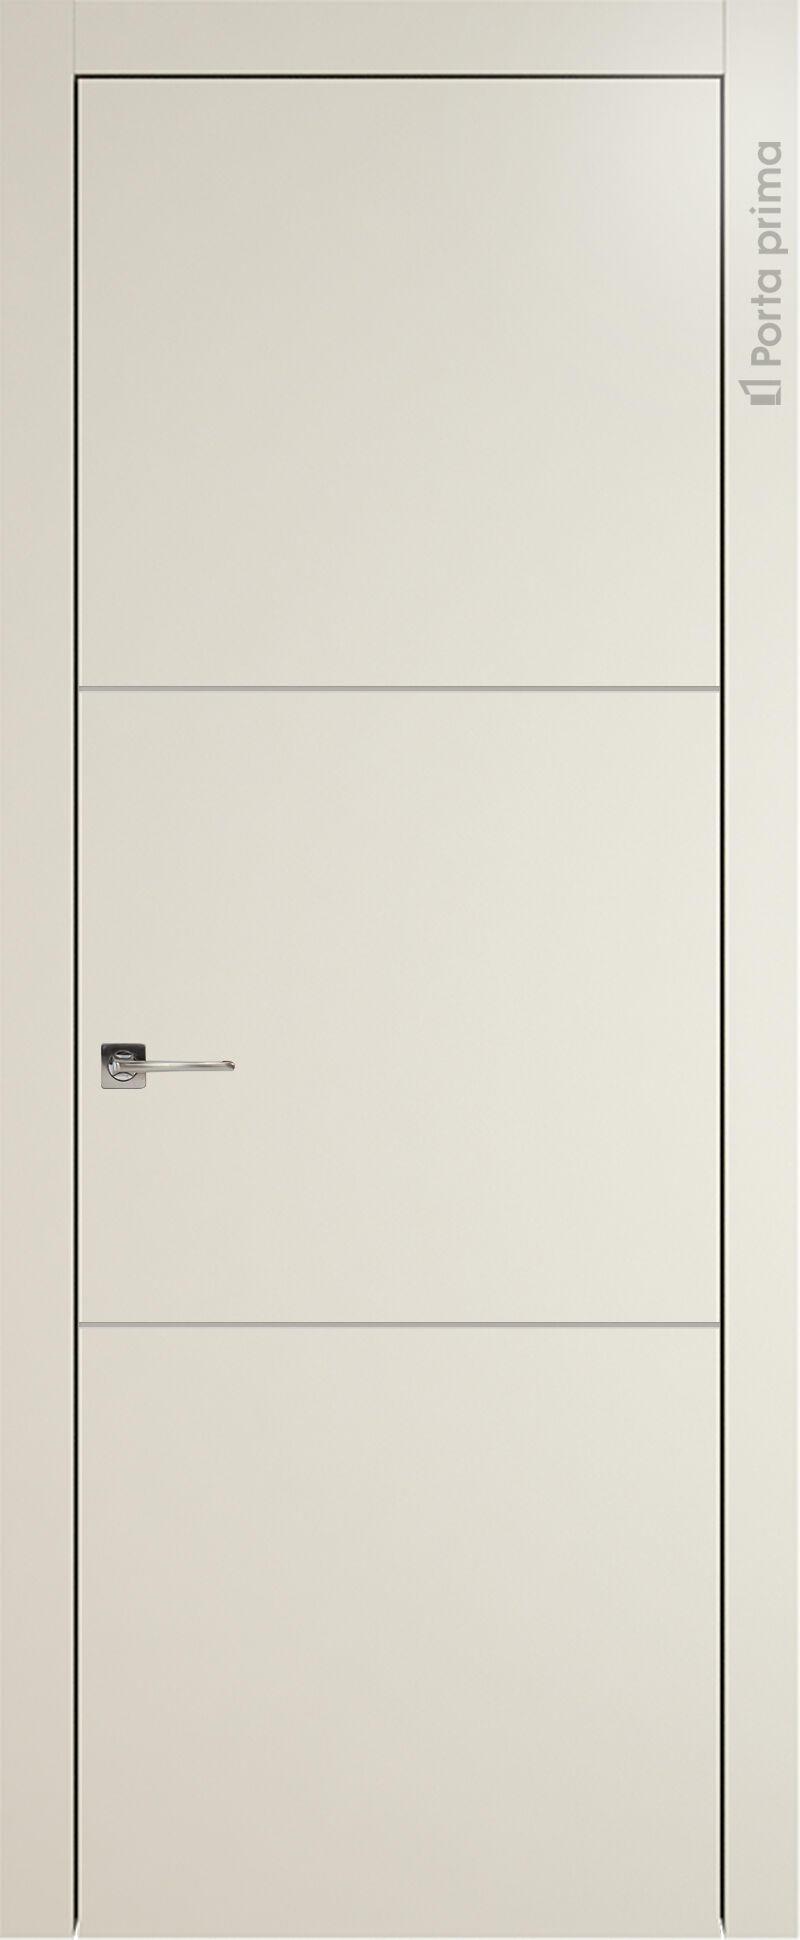 Tivoli В-2 цвет - Жемчужная эмаль (RAL 1013) Без стекла (ДГ)